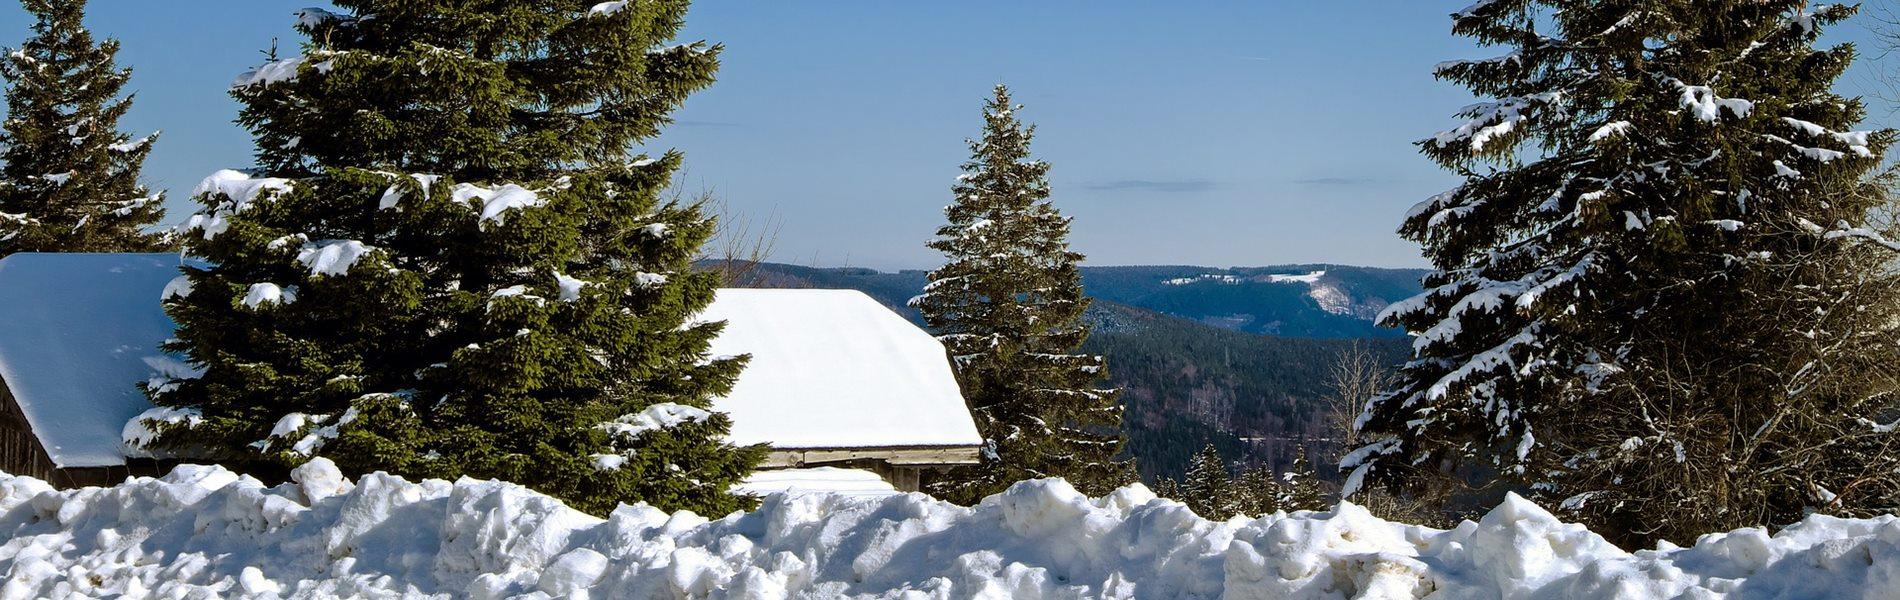 winterlandschaft-josenmuehle